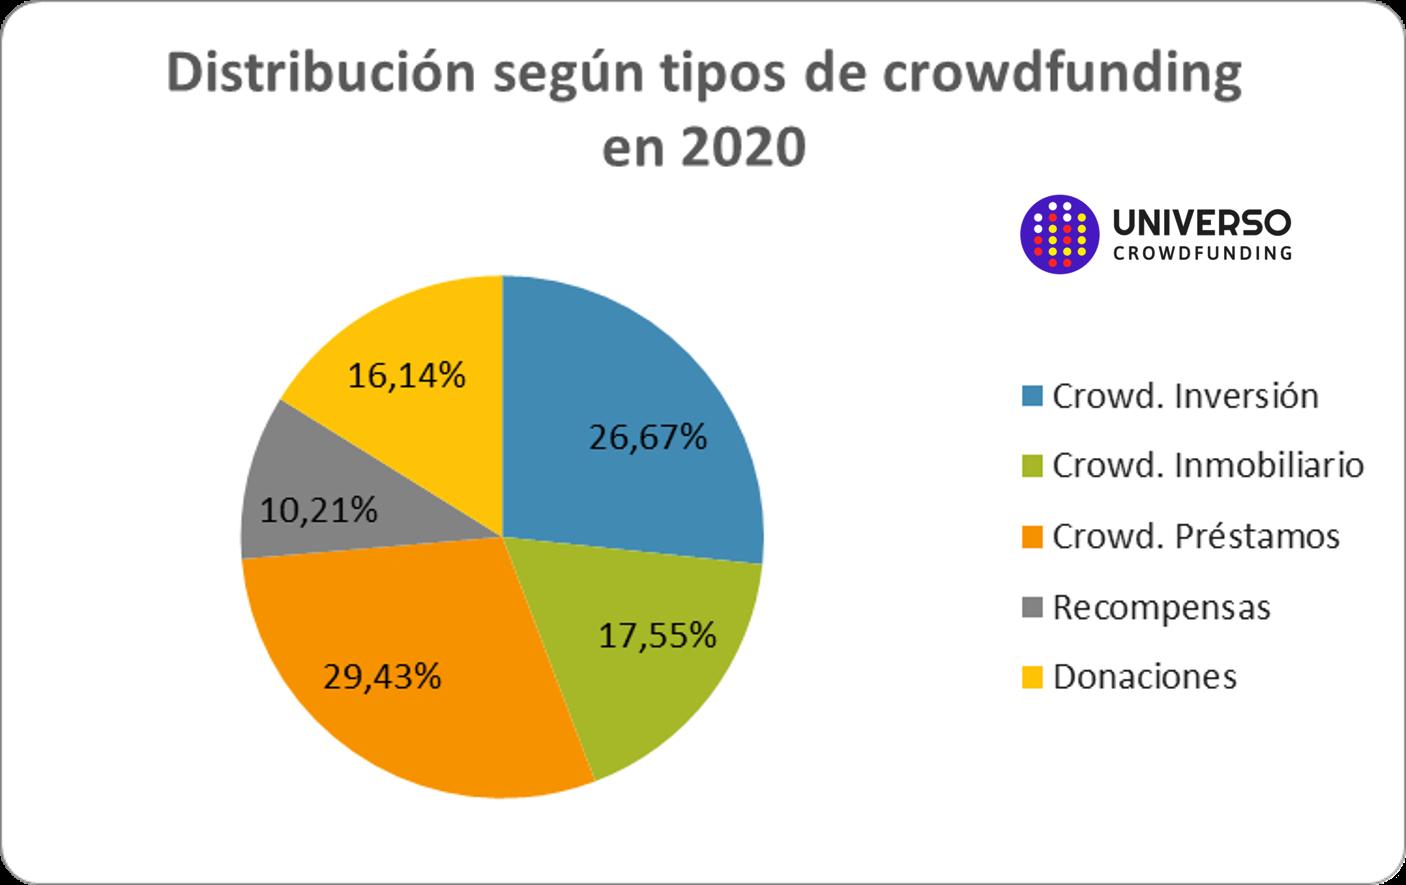 El crowdfunding recaudó en España casi 170 millones de euros en 2020